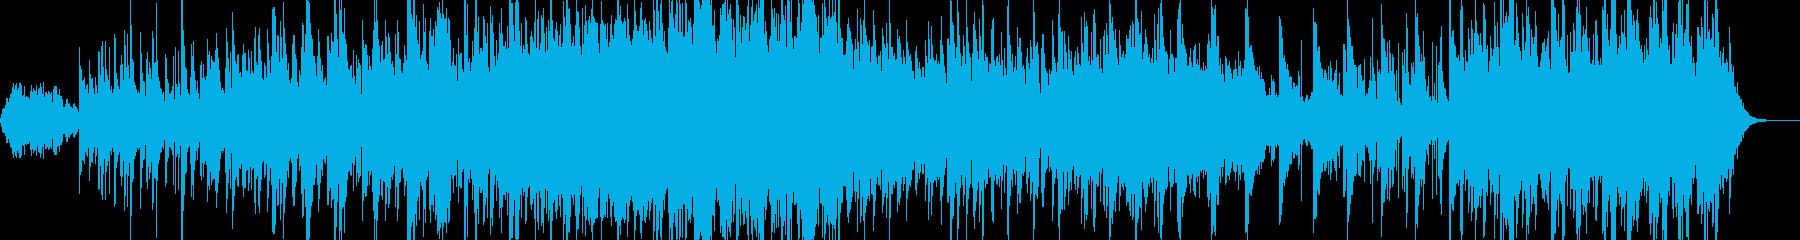 リラクゼーション、バイオリンー森林浴の再生済みの波形